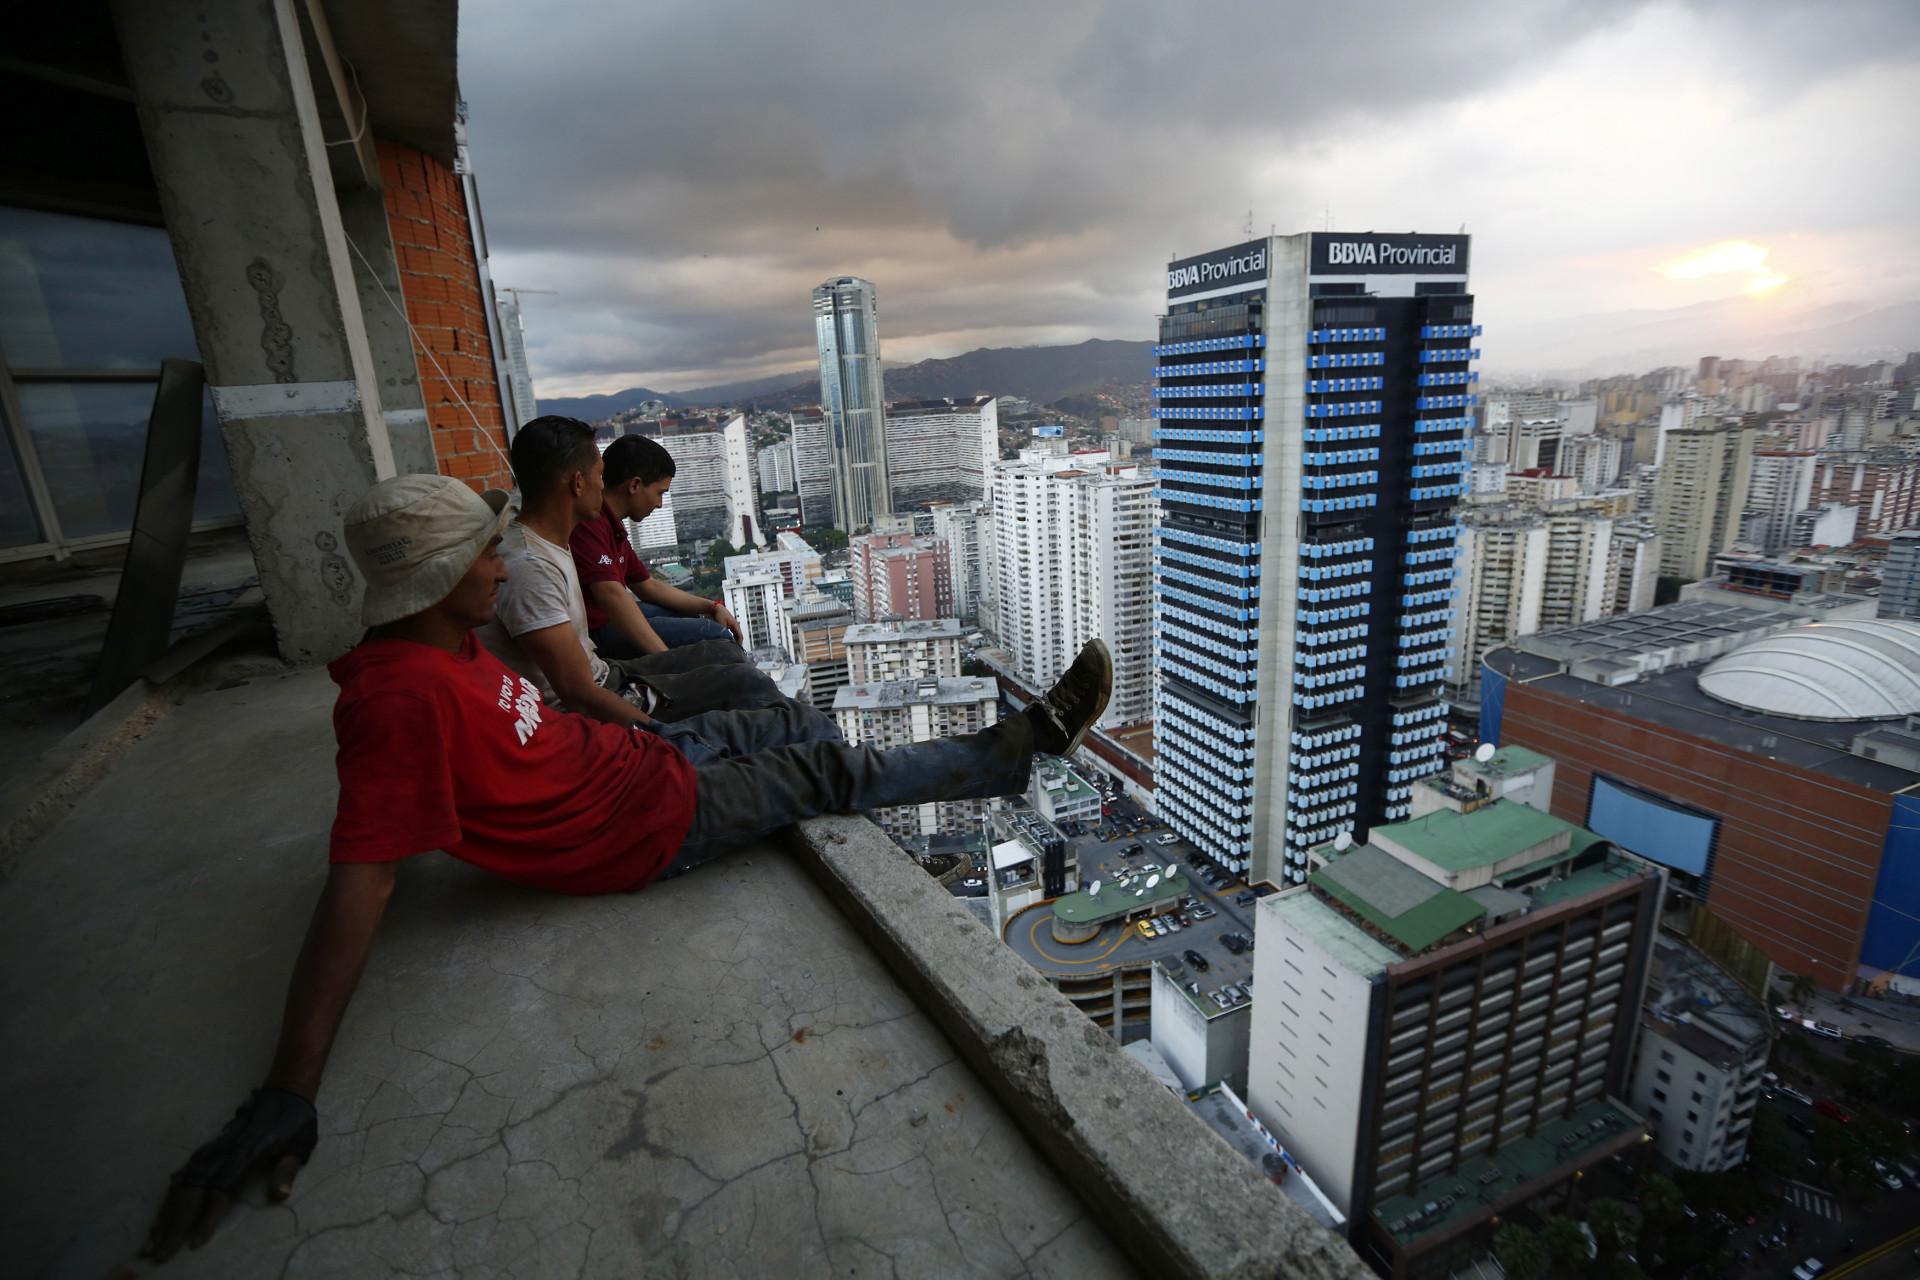 Os países com os níveis mais altos e mais baixos de corrupção